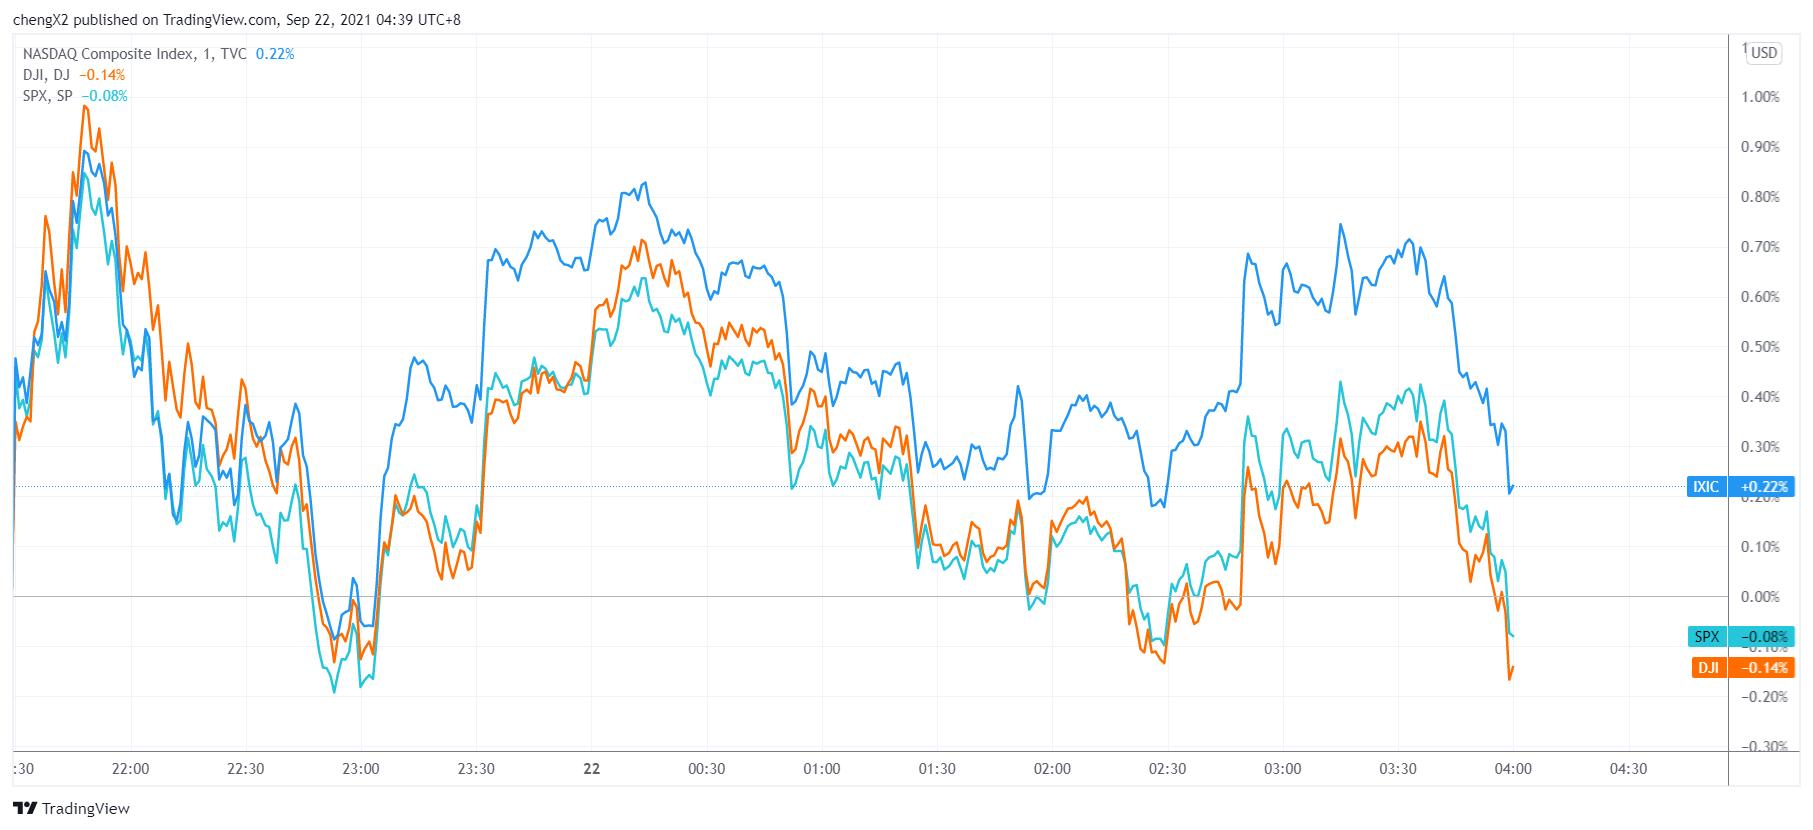 美股收盘:美联储FOMC决议临近 三大指数维持弱势震荡